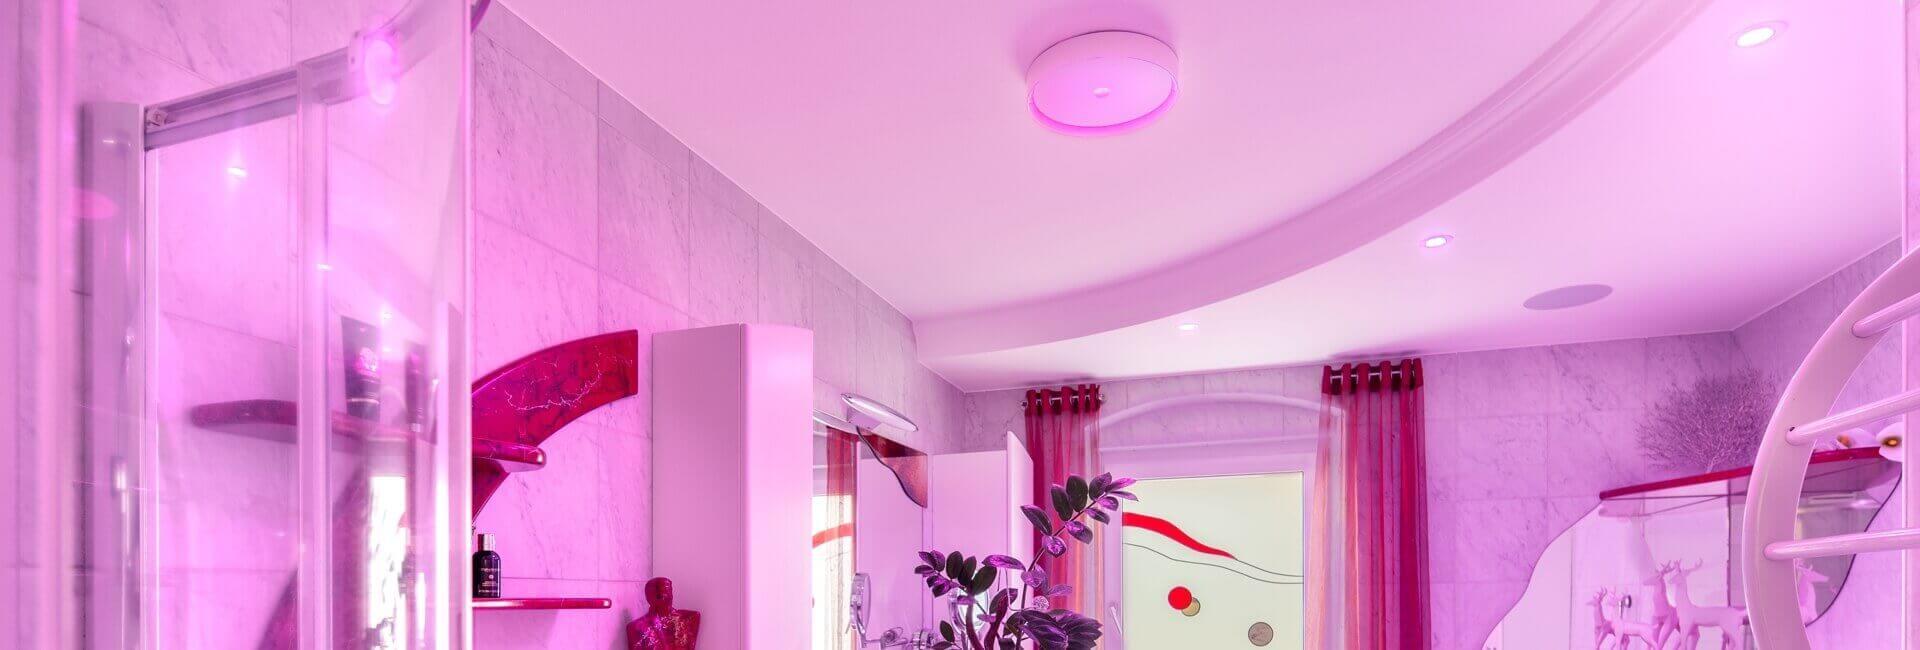 Łazienka oświetlona na różowo